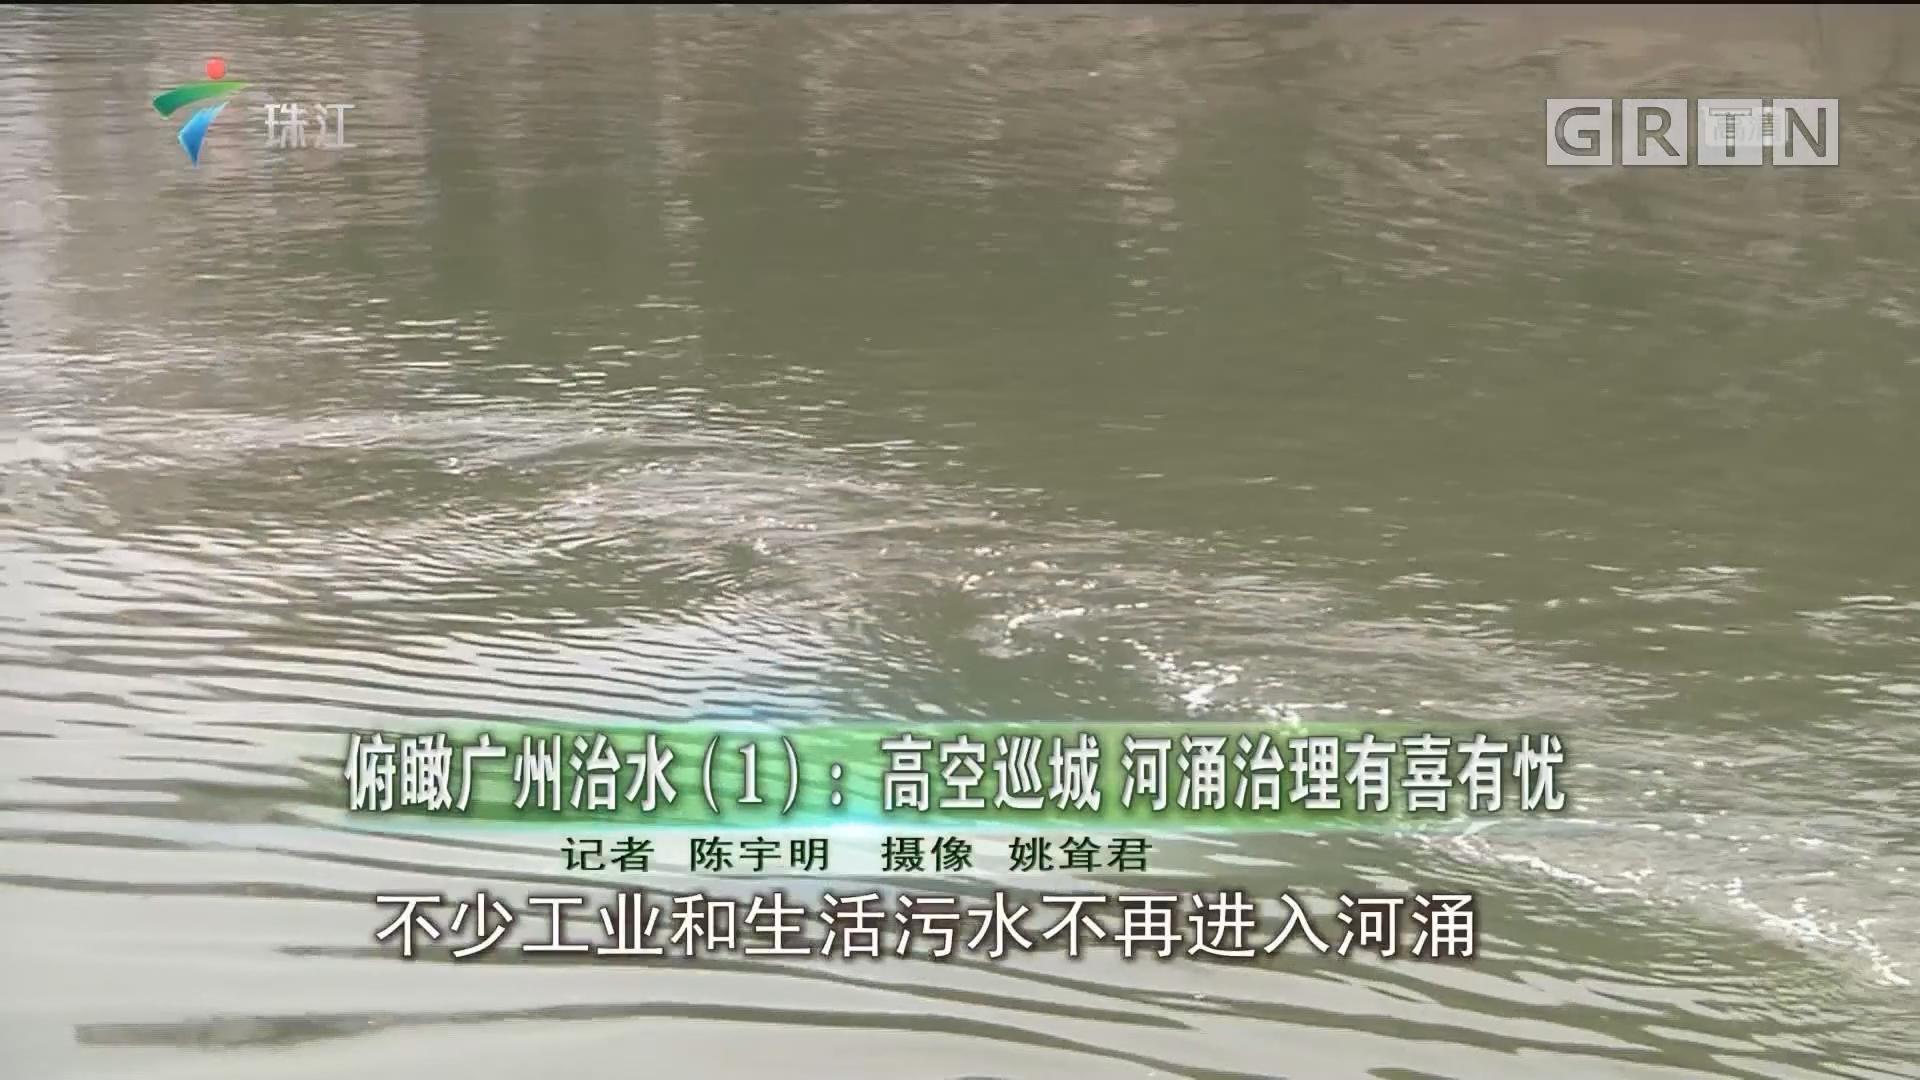 俯瞰广州治水(1):高空巡城 河涌治理有喜有忧